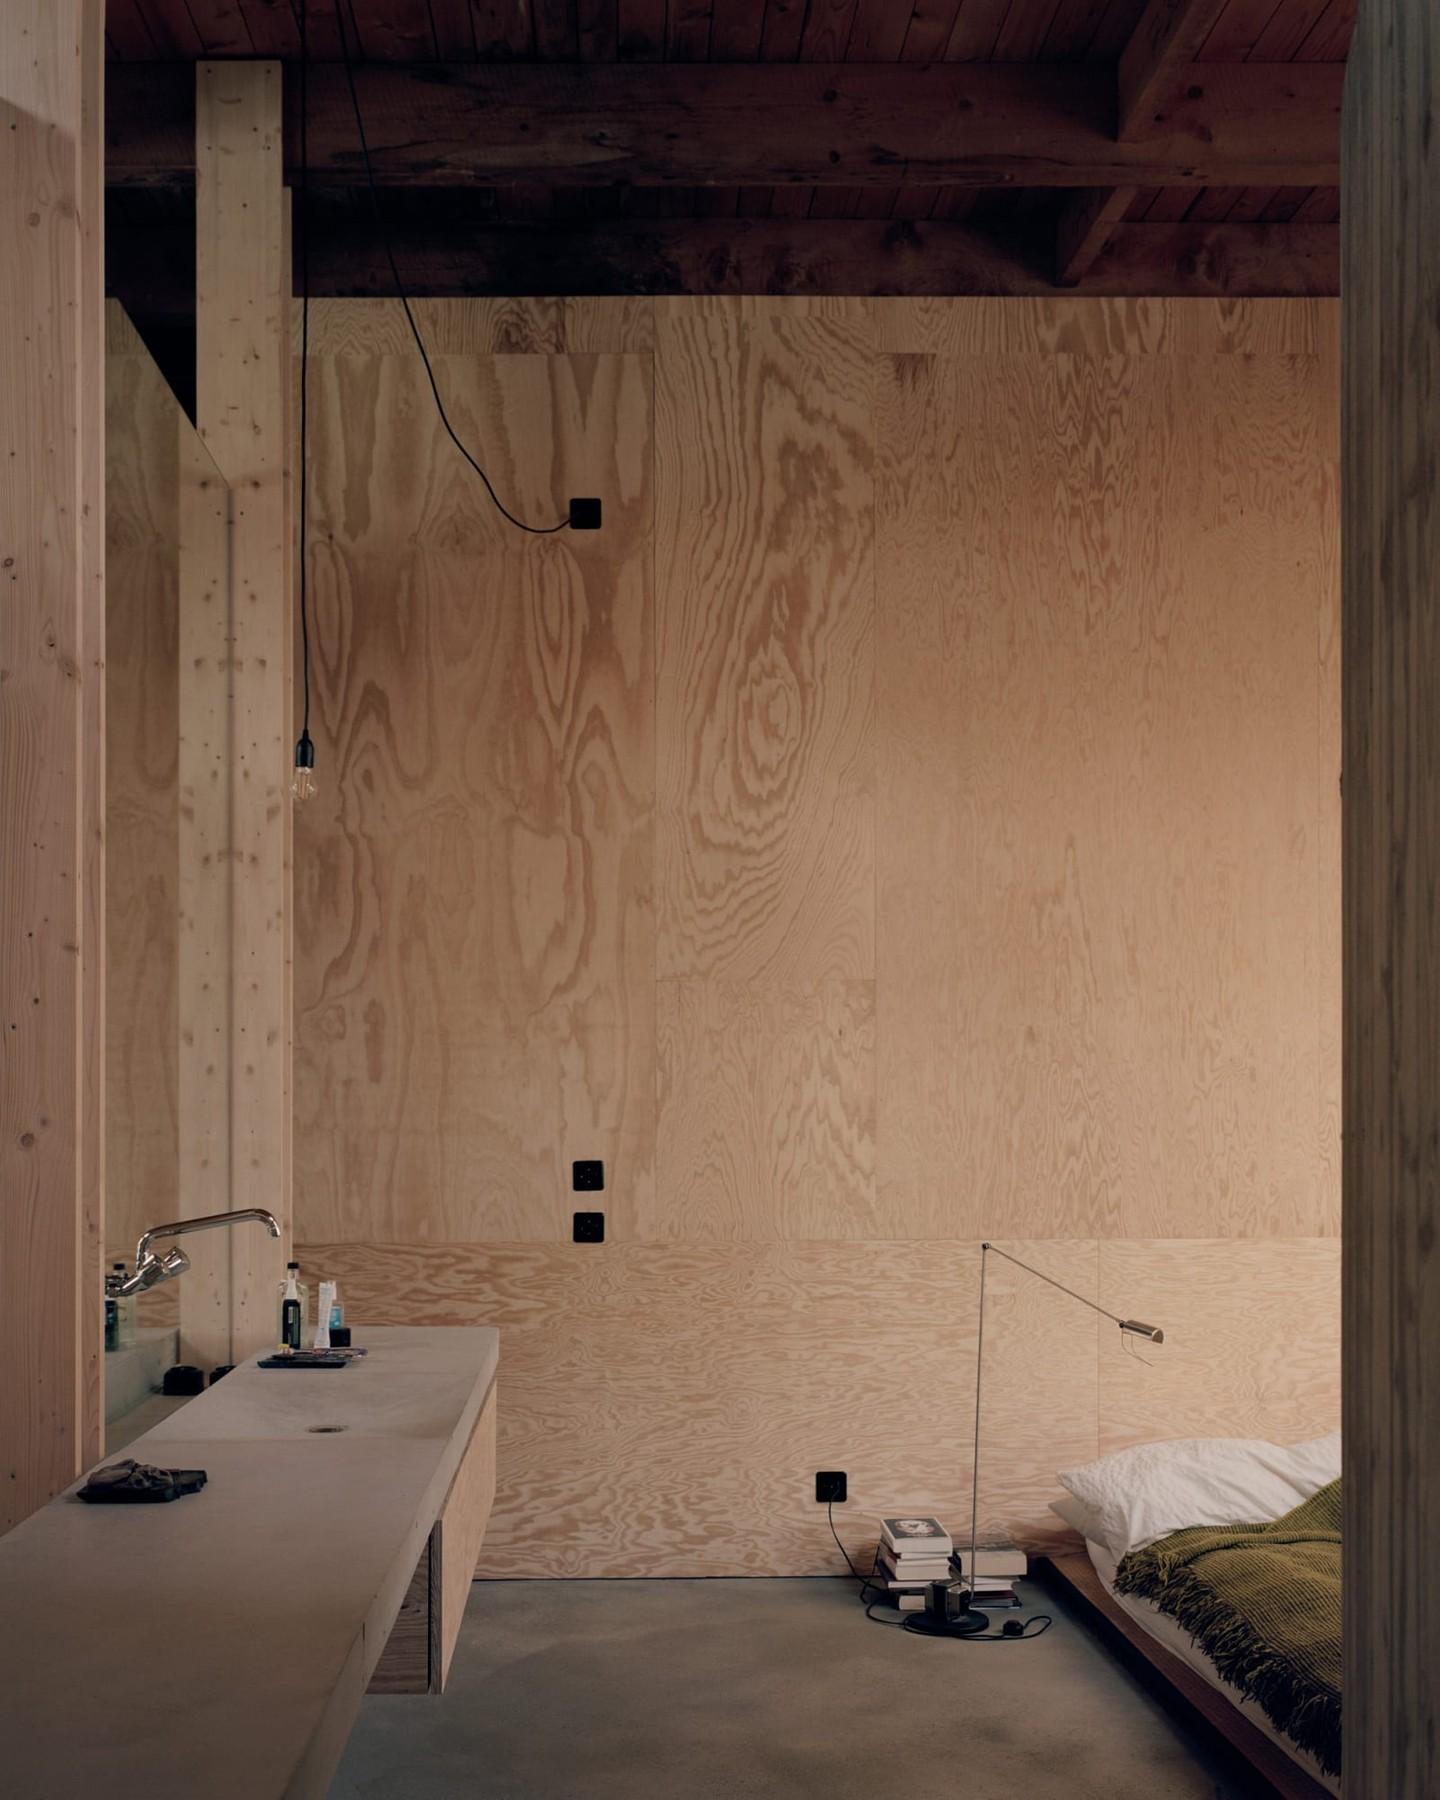 lilitt-bollinger-studio-buchner-brundler-architekten-rory-gardiner-umbau-kirschlager.jpg